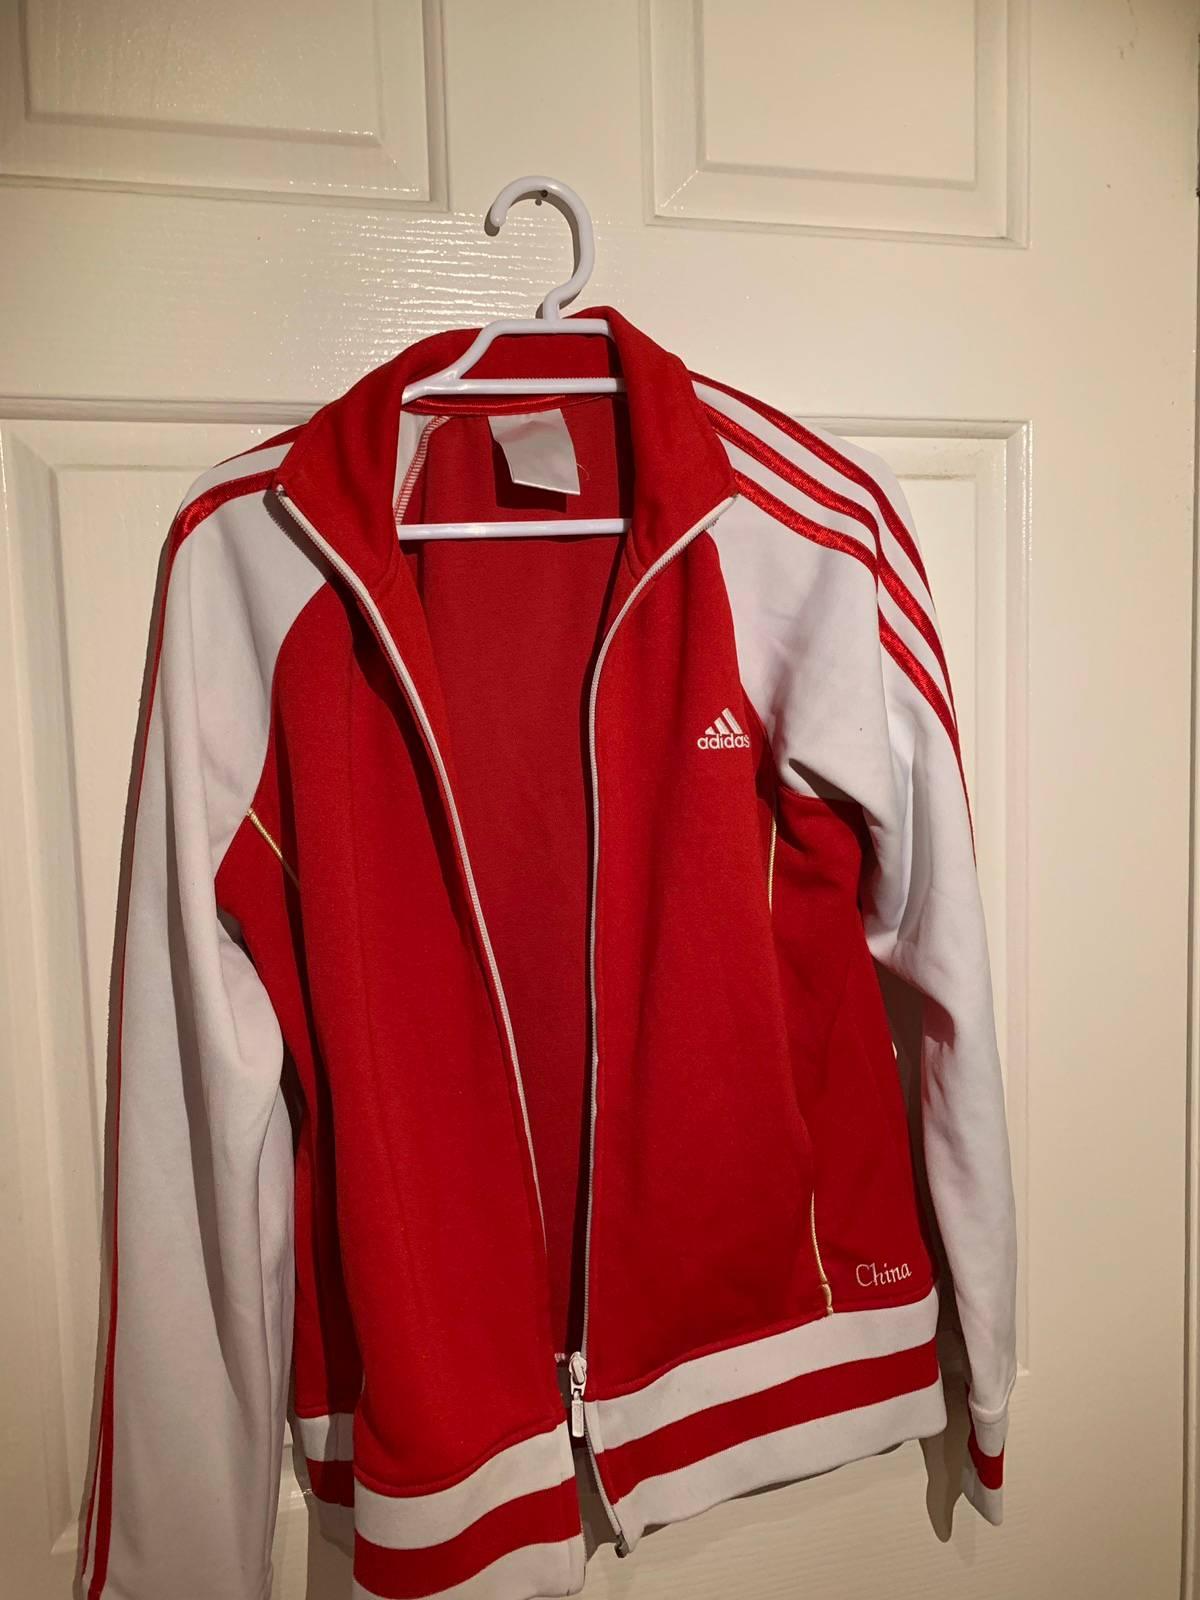 Falange Se convierte en Dar derechos  Adidas Vintage Adidas Red China Jacket | Grailed